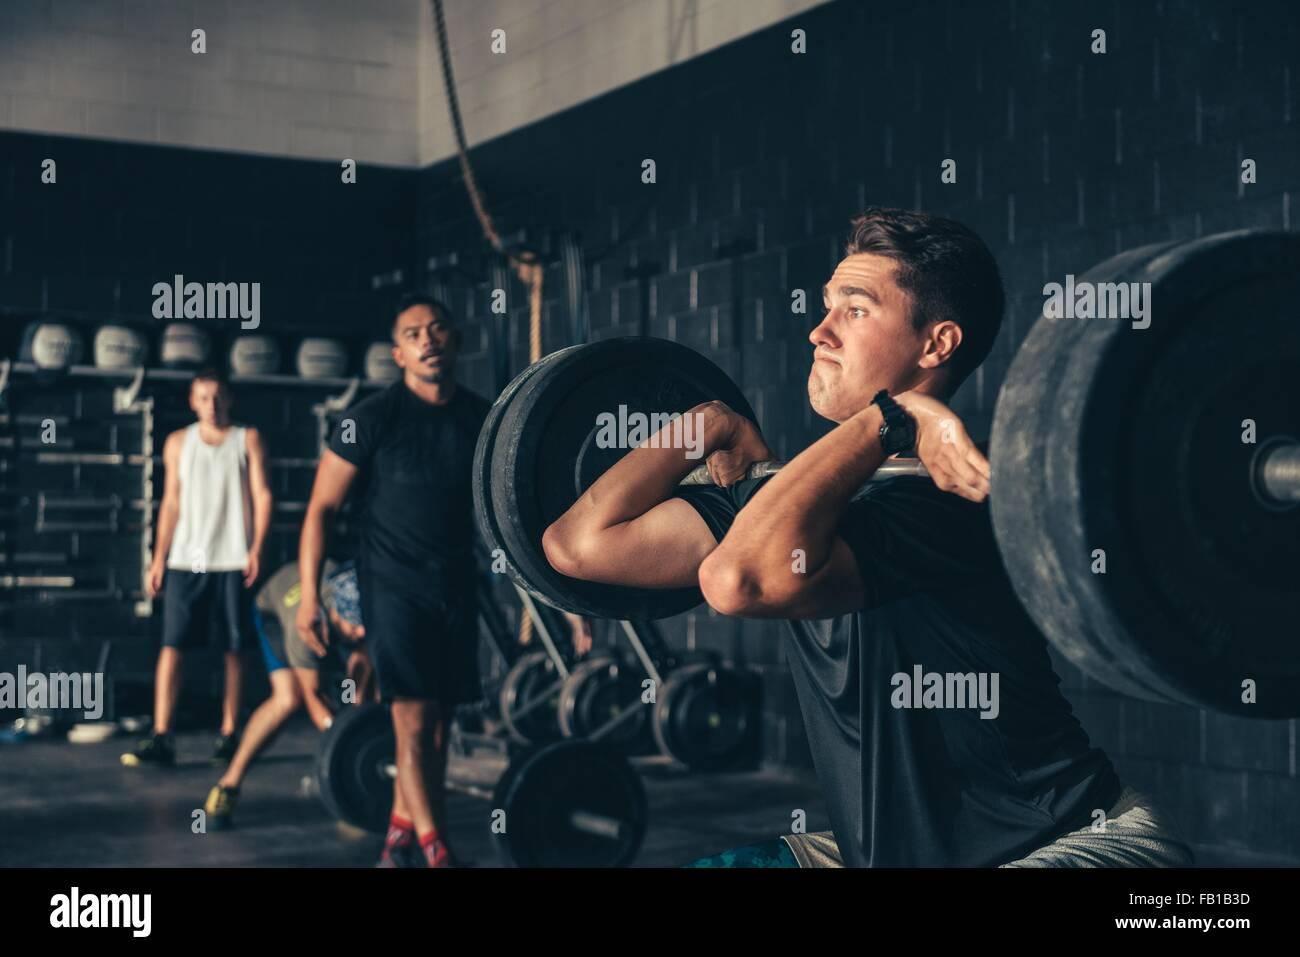 L'homme et de formation de formateurs avec barbell in gym Photo Stock